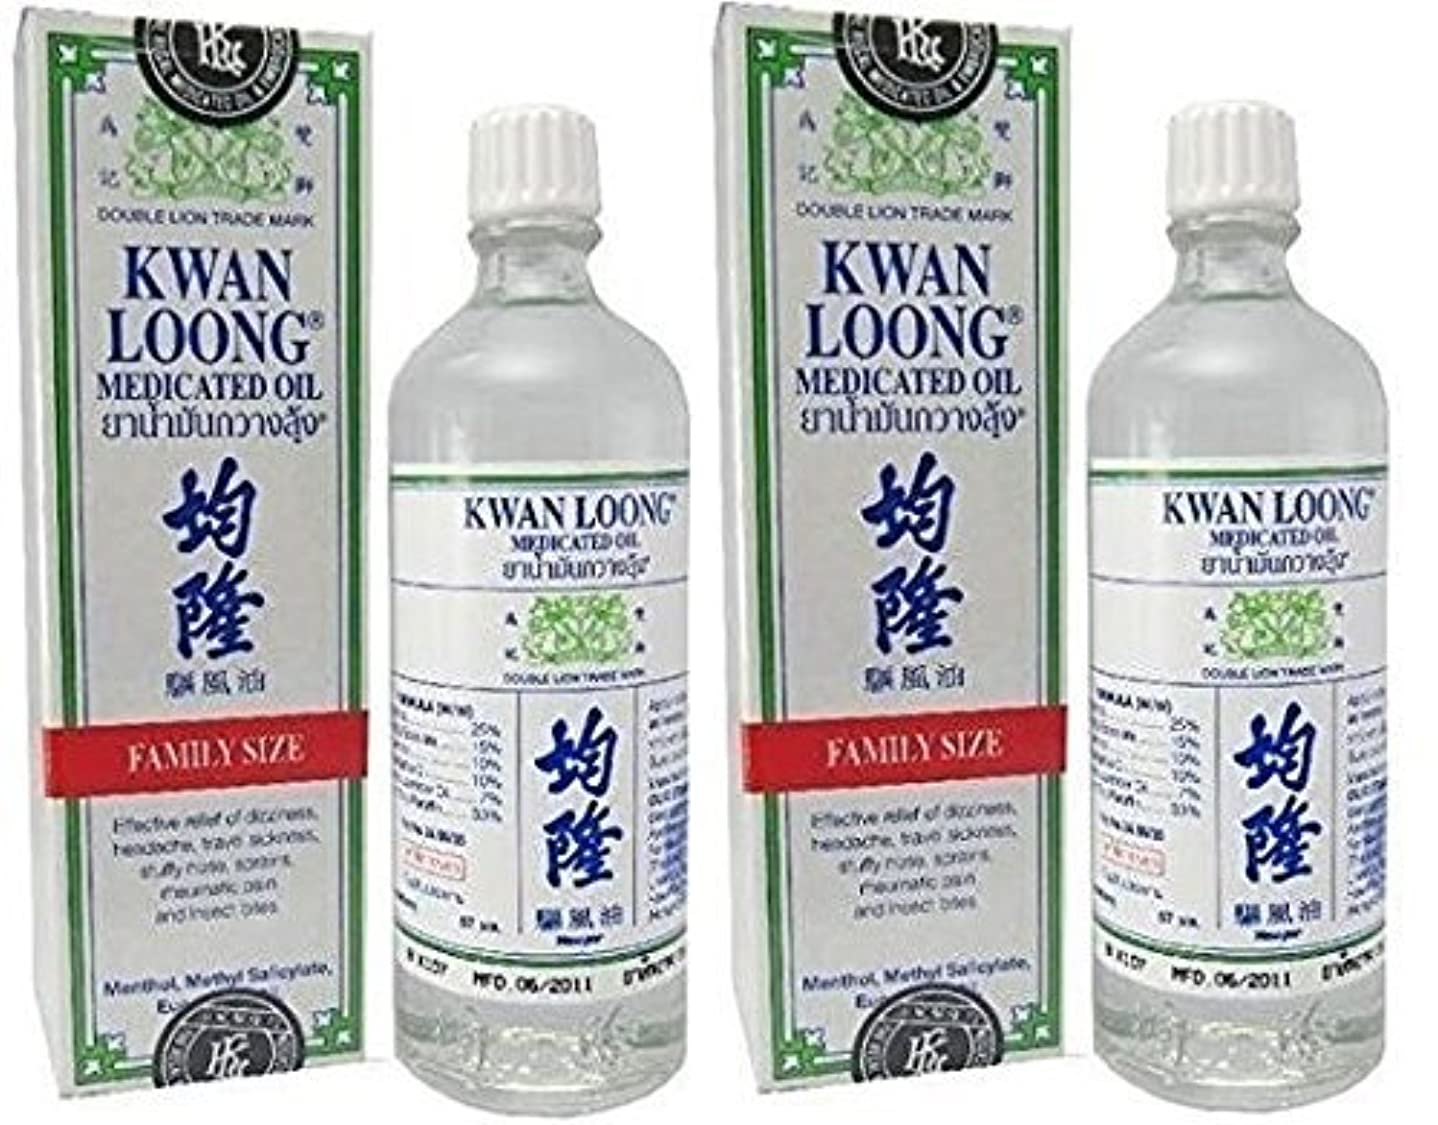 経済的ダース溶かすクワンルーン薬用オイル 2 x 57ミリリットル 2 x Kwan Loong Medicated Oil 57ml. Free Shipping.